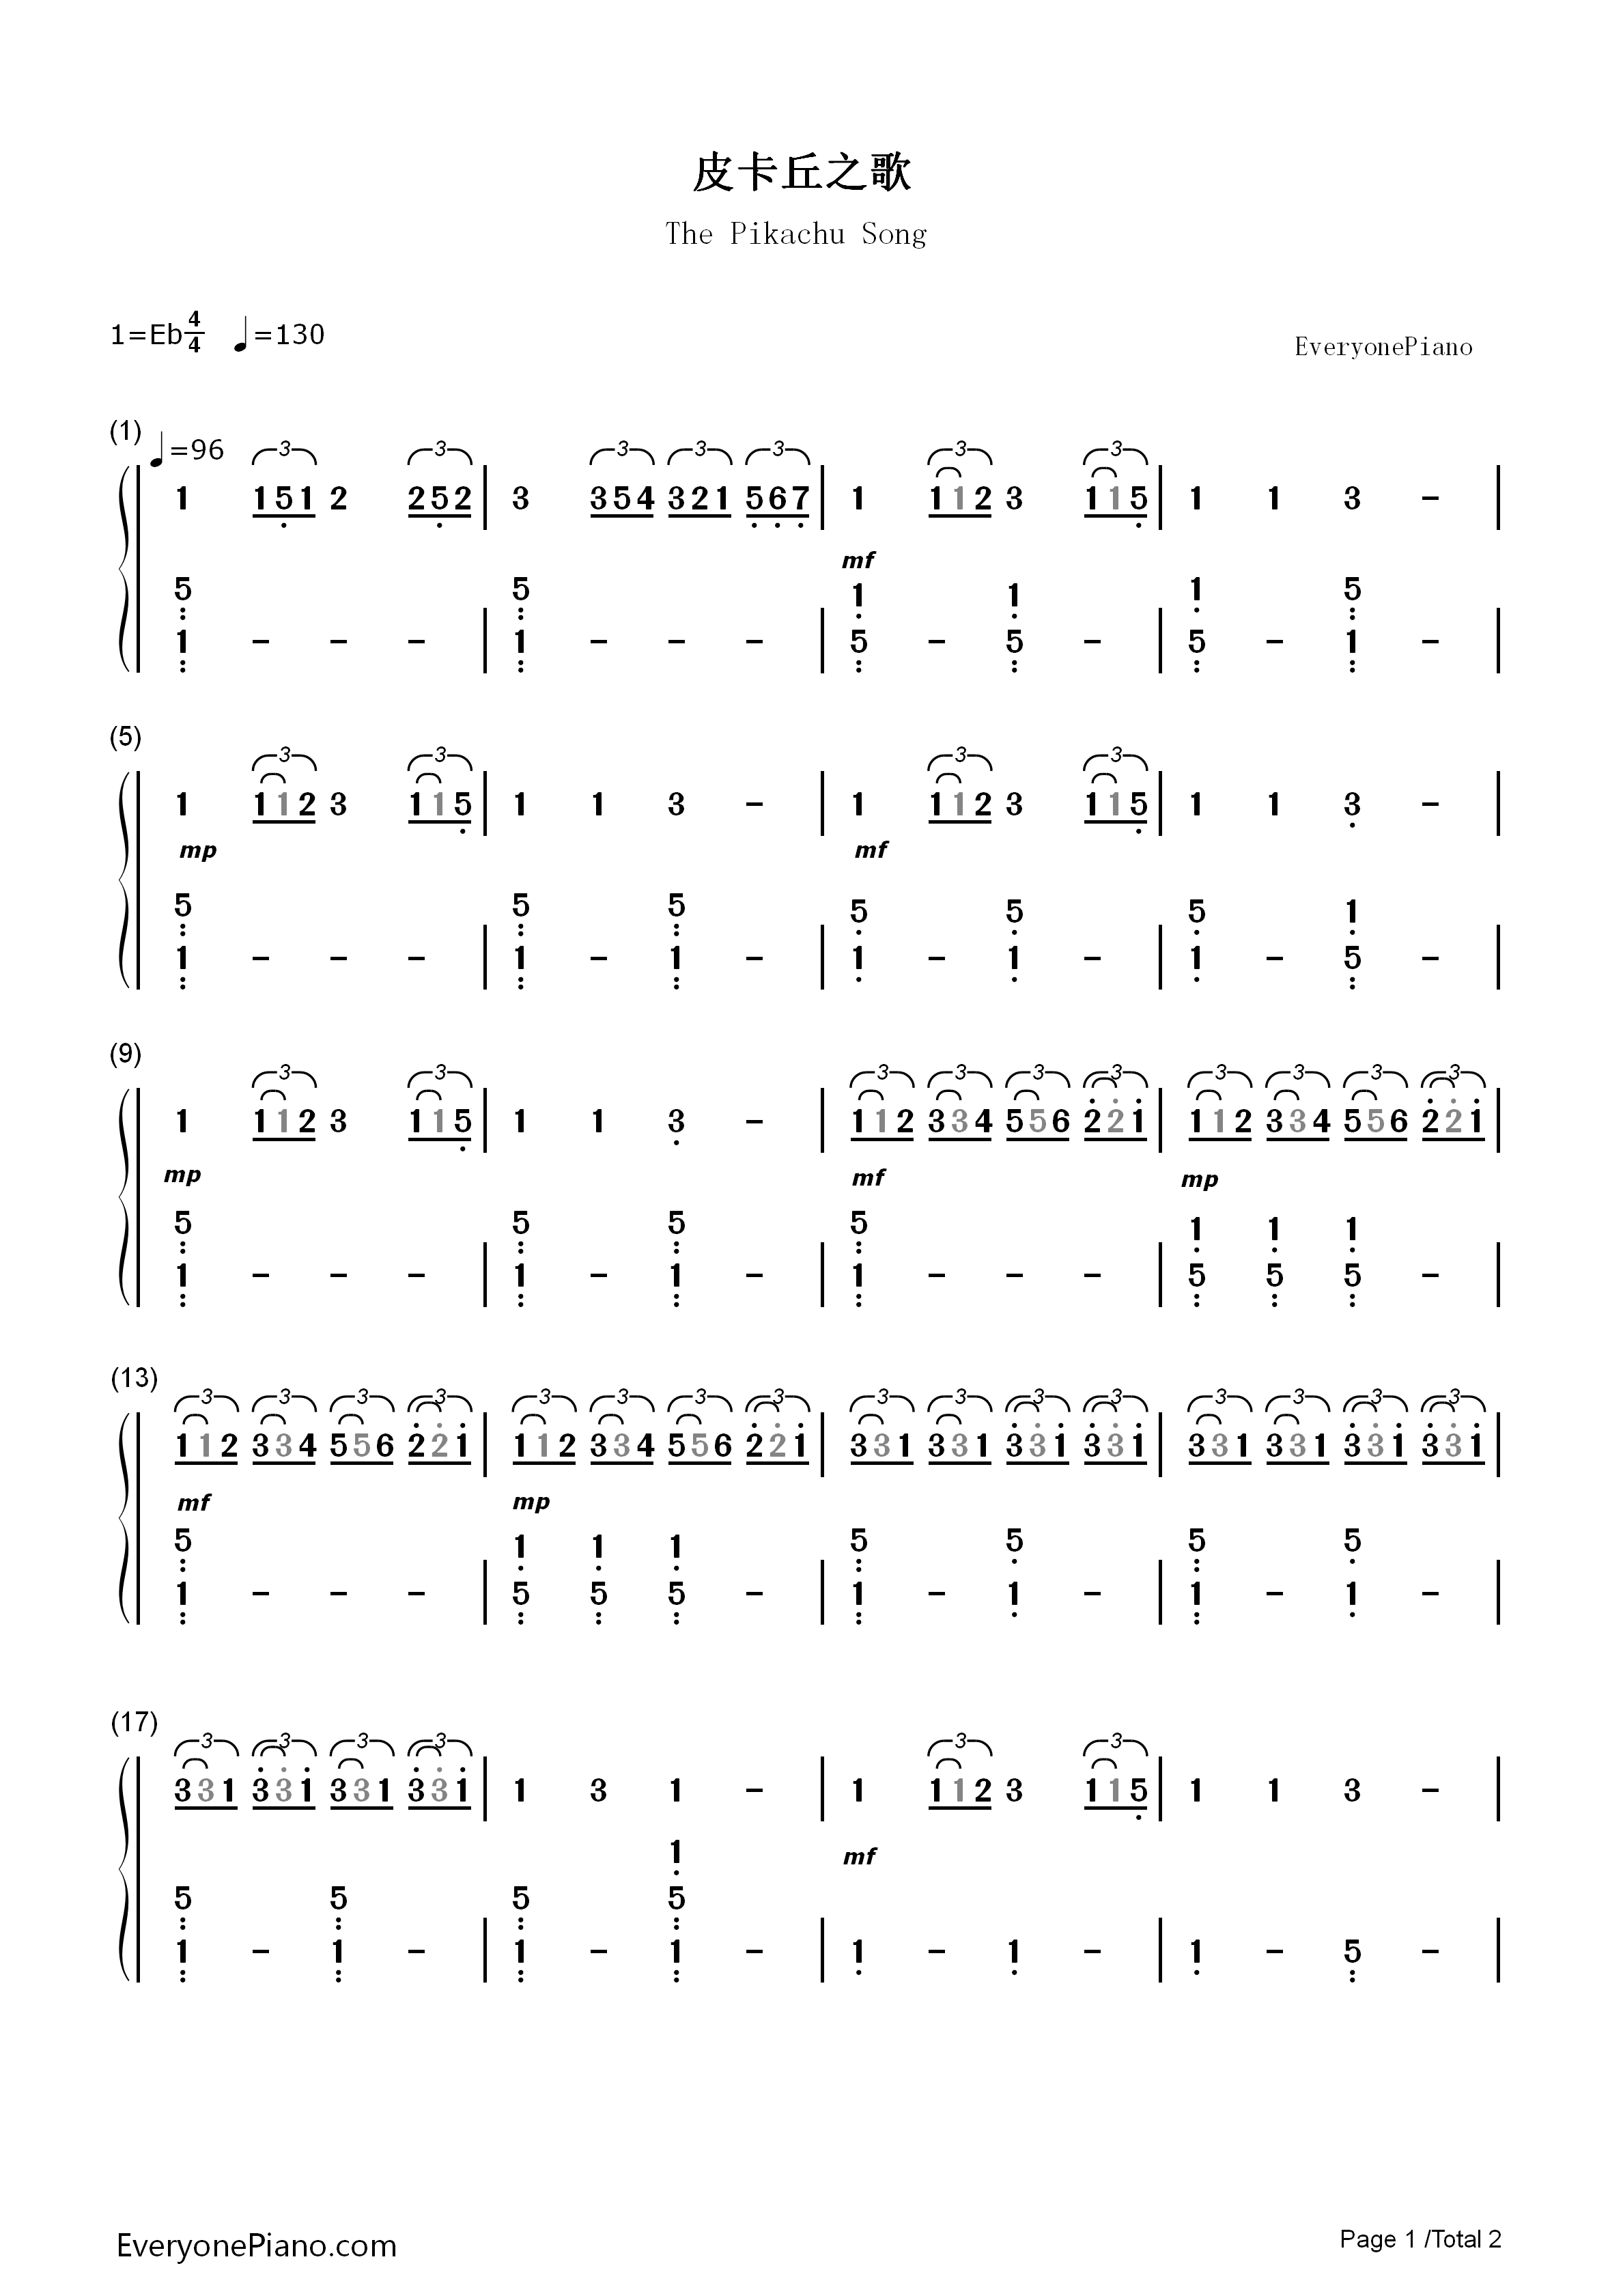 钢琴曲谱 动漫 皮卡丘之歌-《精灵宝可梦xyz》片尾曲 皮卡丘之歌